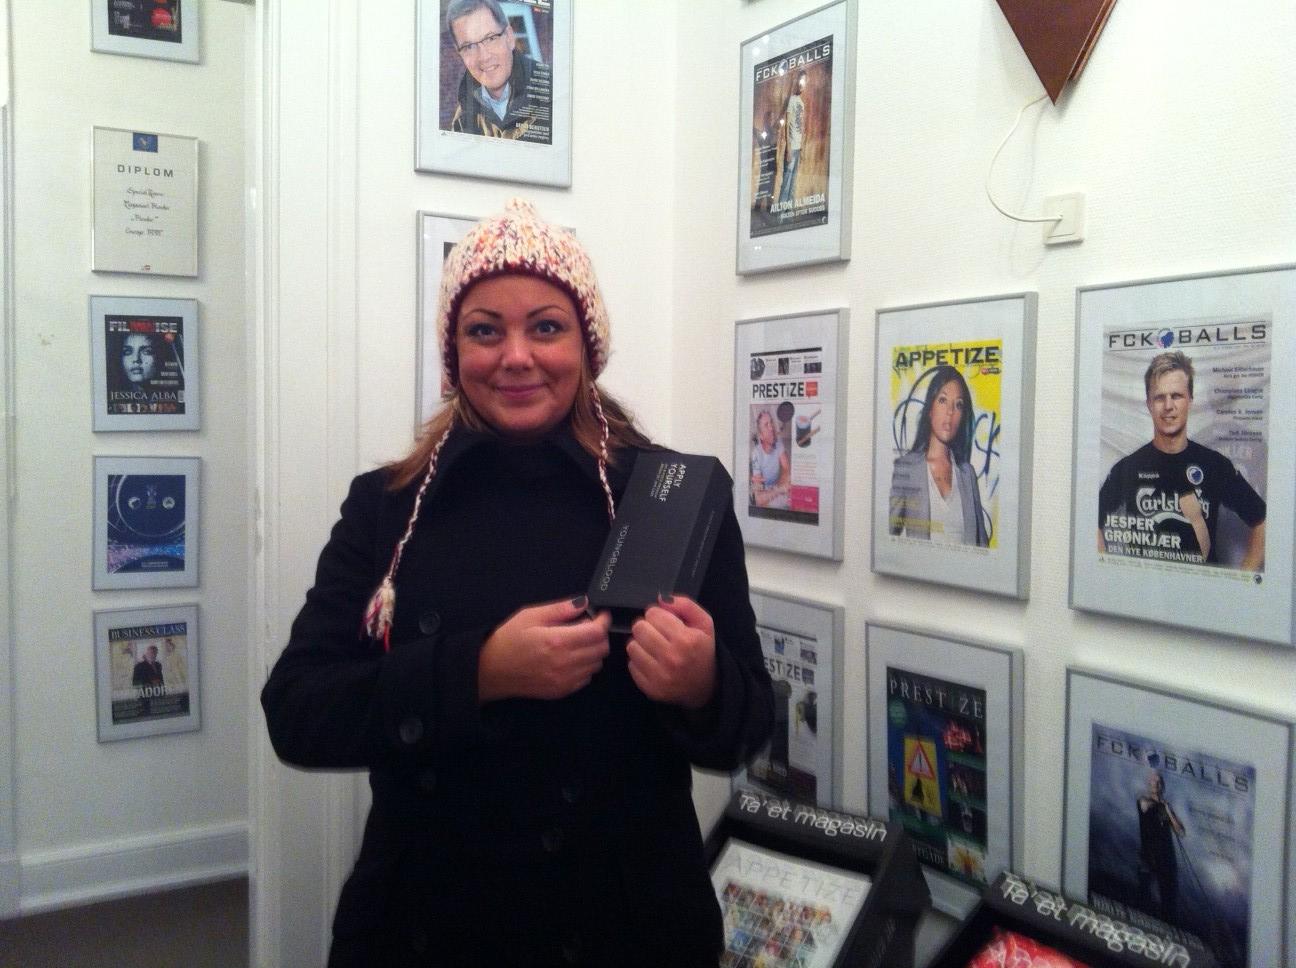 Line Boe blev den heldige vinder af makeuppenslerne fra Youngblood